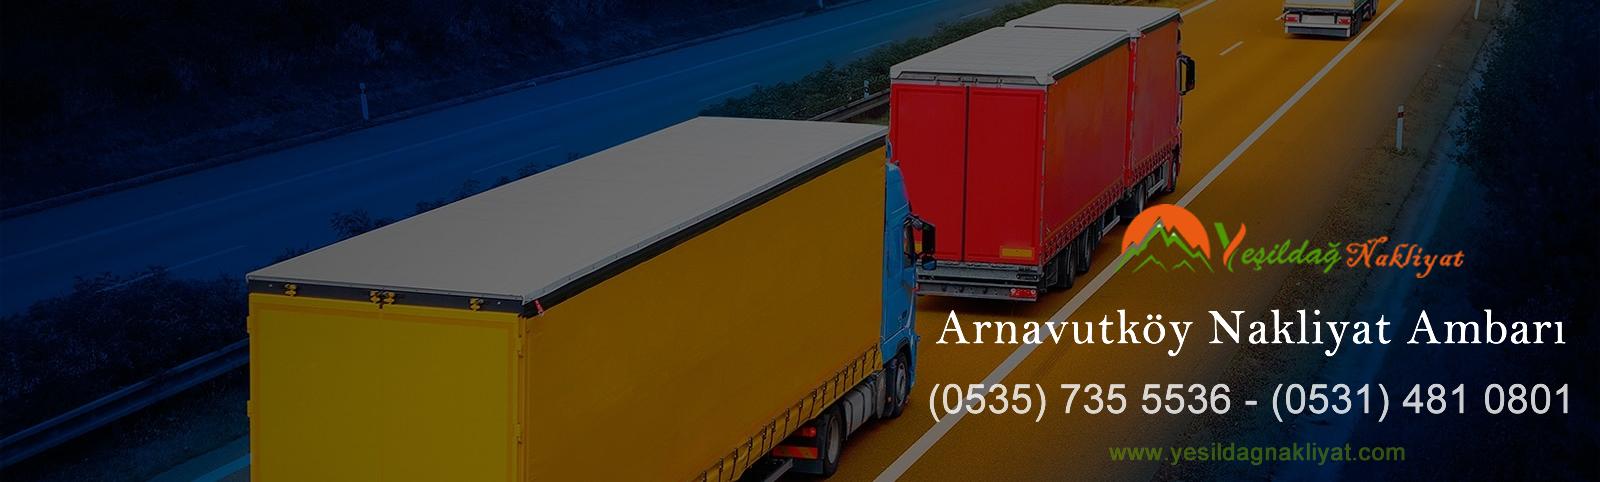 Arnavutköy Ankara Nakliyat Ambarı Firması